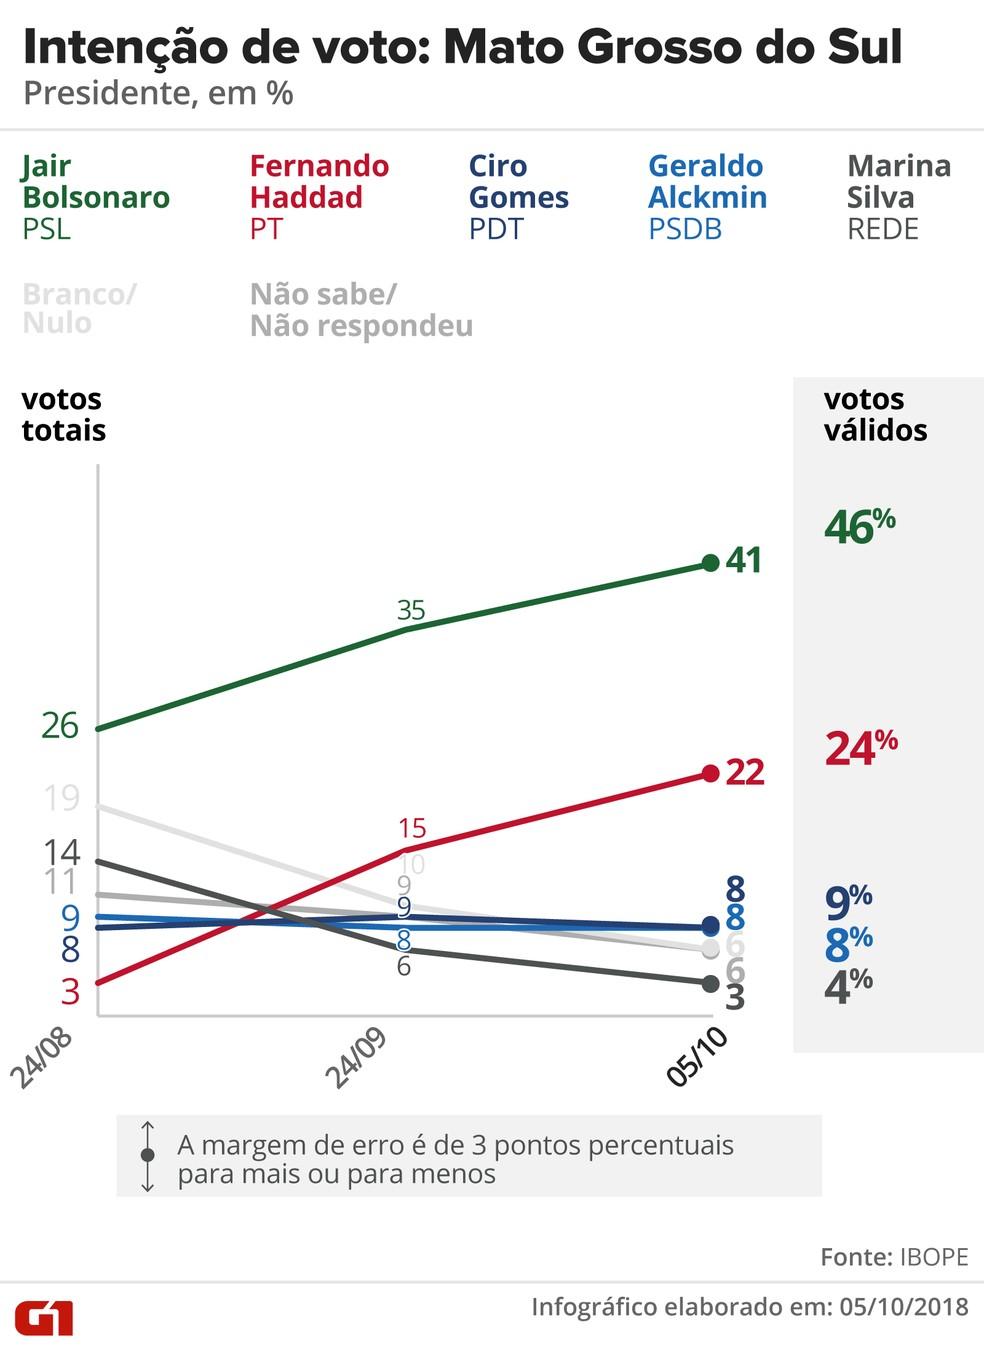 Pesquisa Ibope - Mato Grosso do Sul - Evolução da intenção de voto para presidente no estado — Foto: Arte/G1